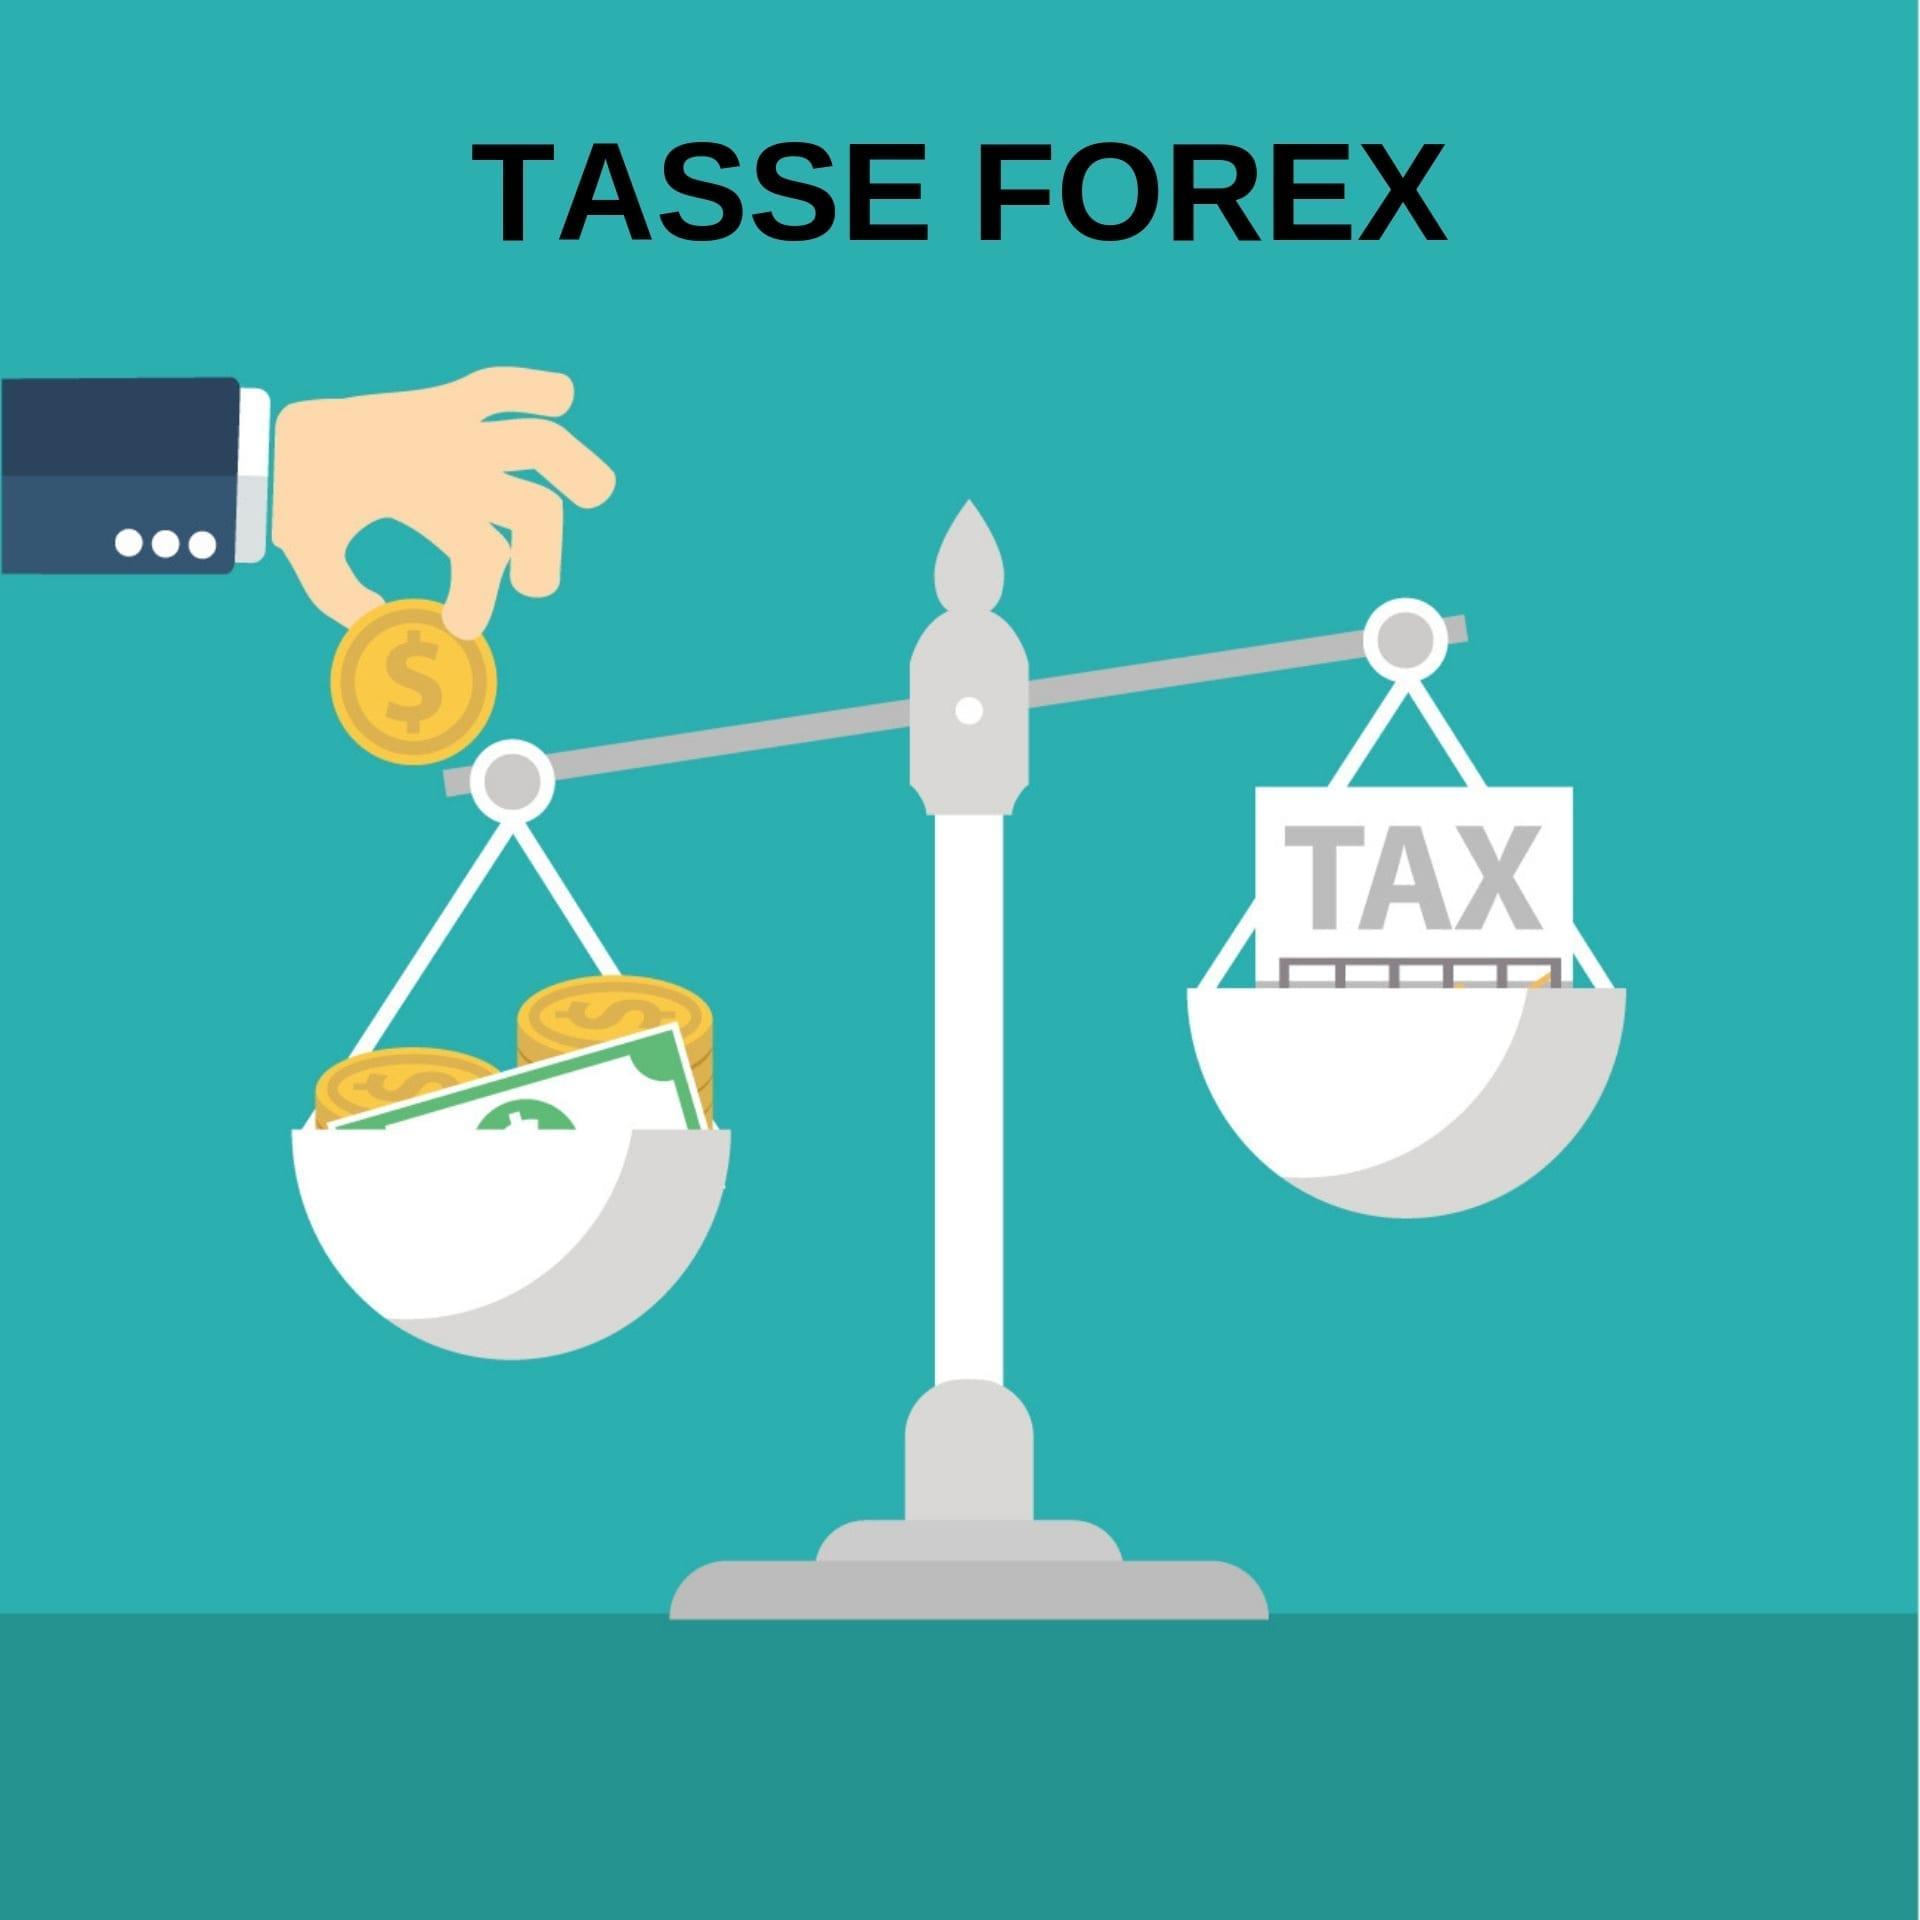 Quante tasse bisogna pagare sui guadagni Forex? - blogger.com